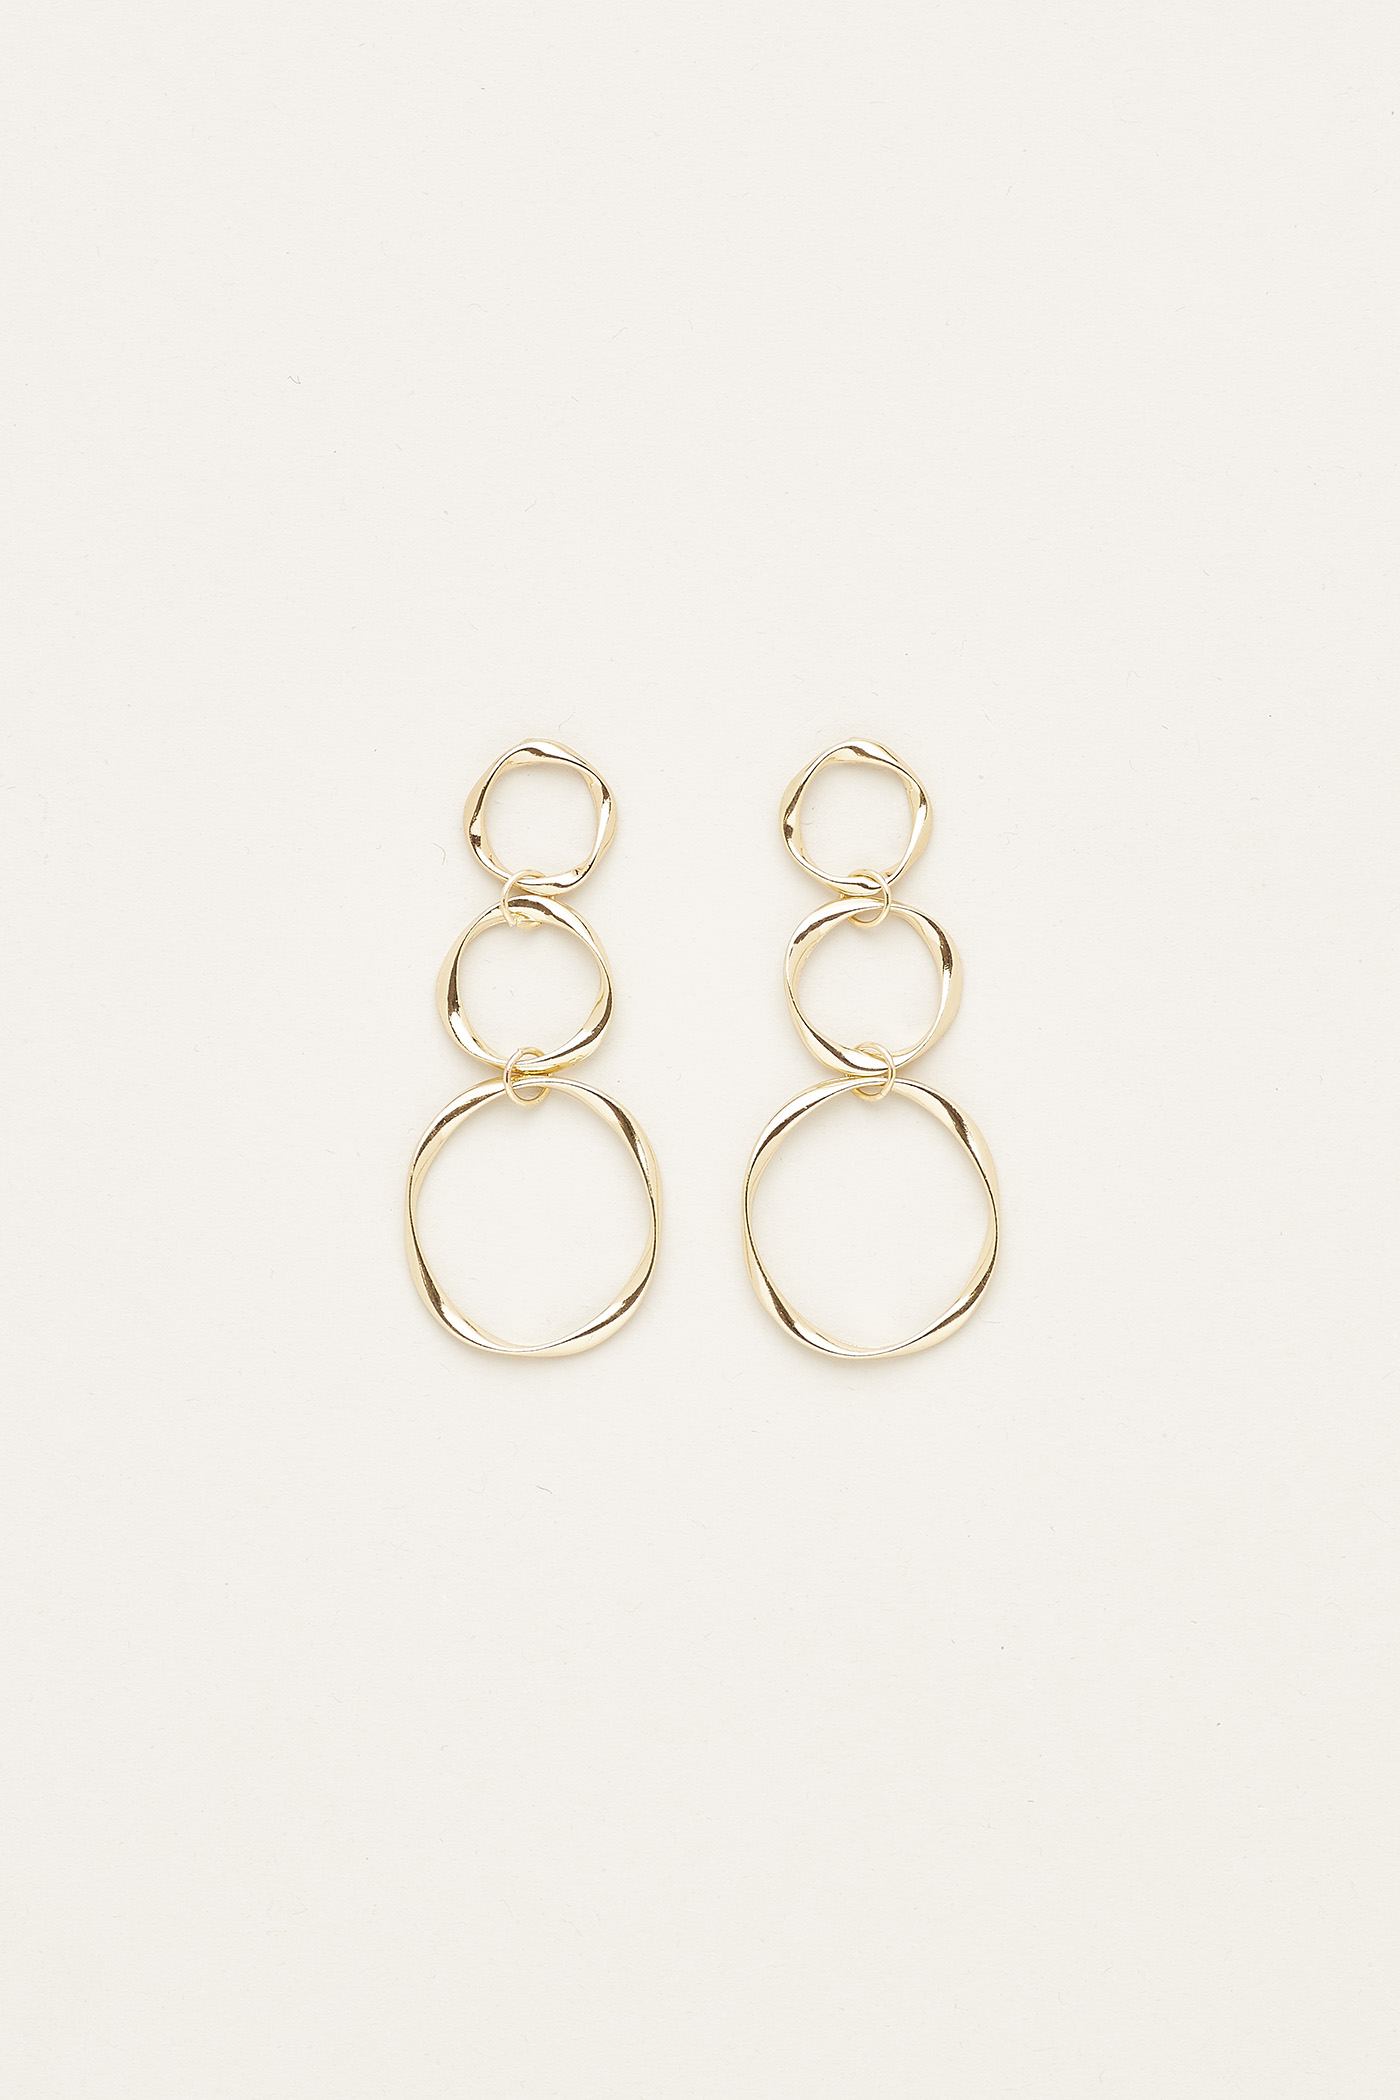 Everdeen Irregular Circle Earrings